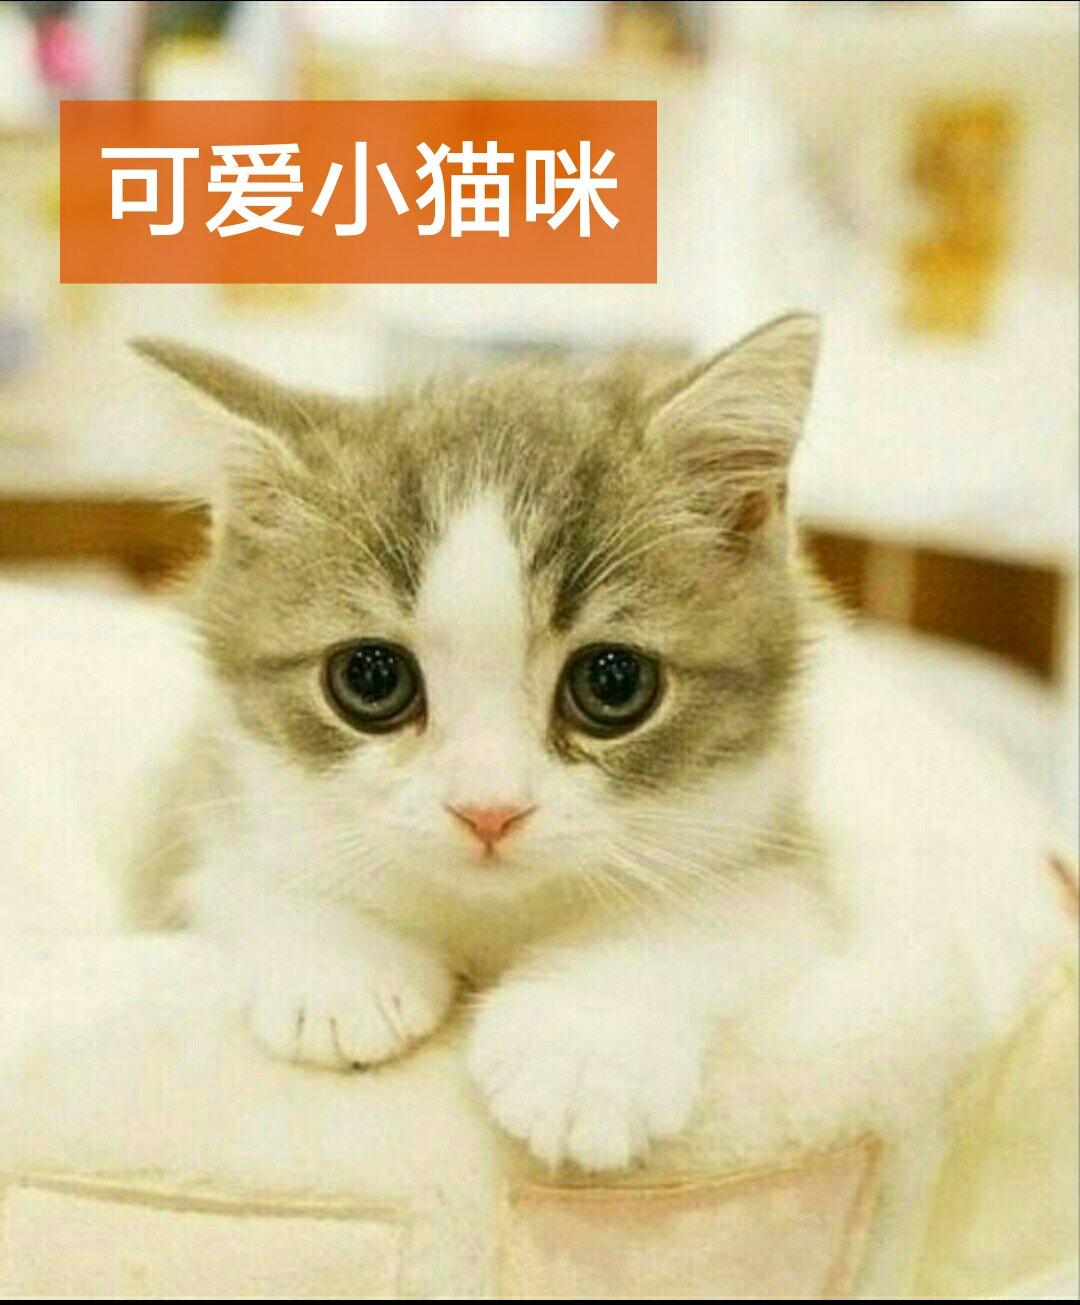 国际手势 可爱小猫咪